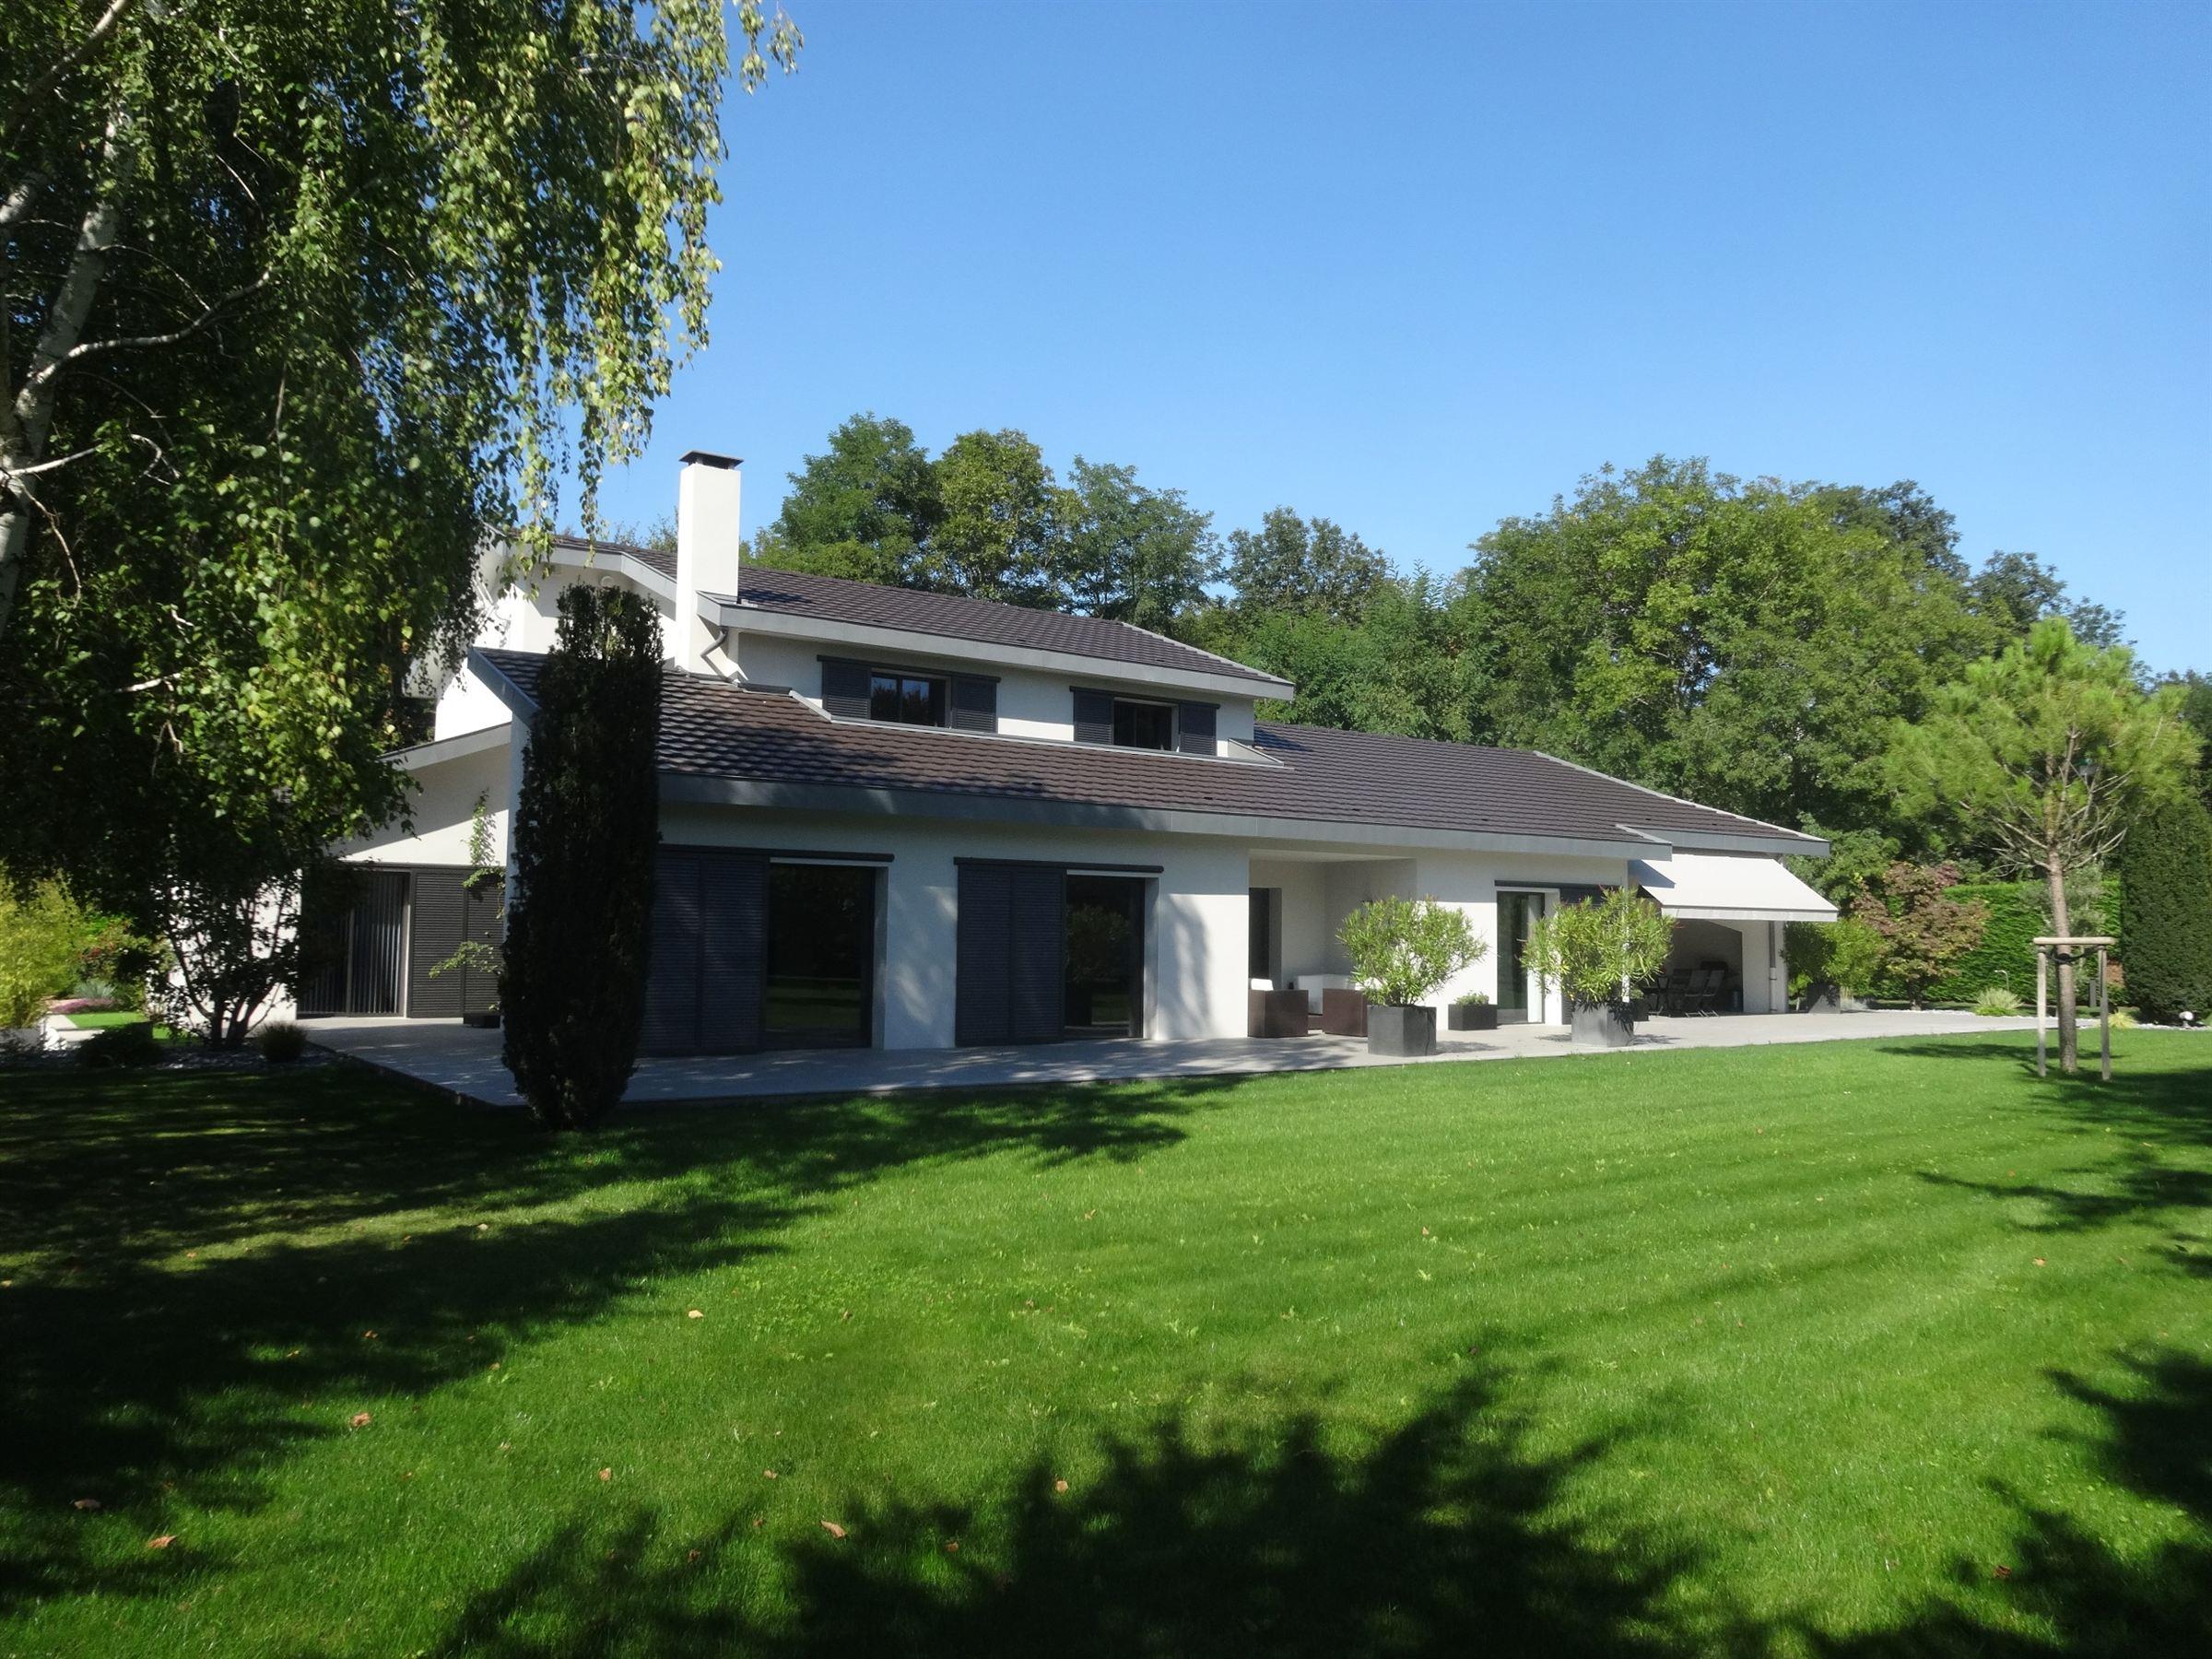 sales property at à 20 minutes de l'Aeroport de LYON belle maison contemporaine